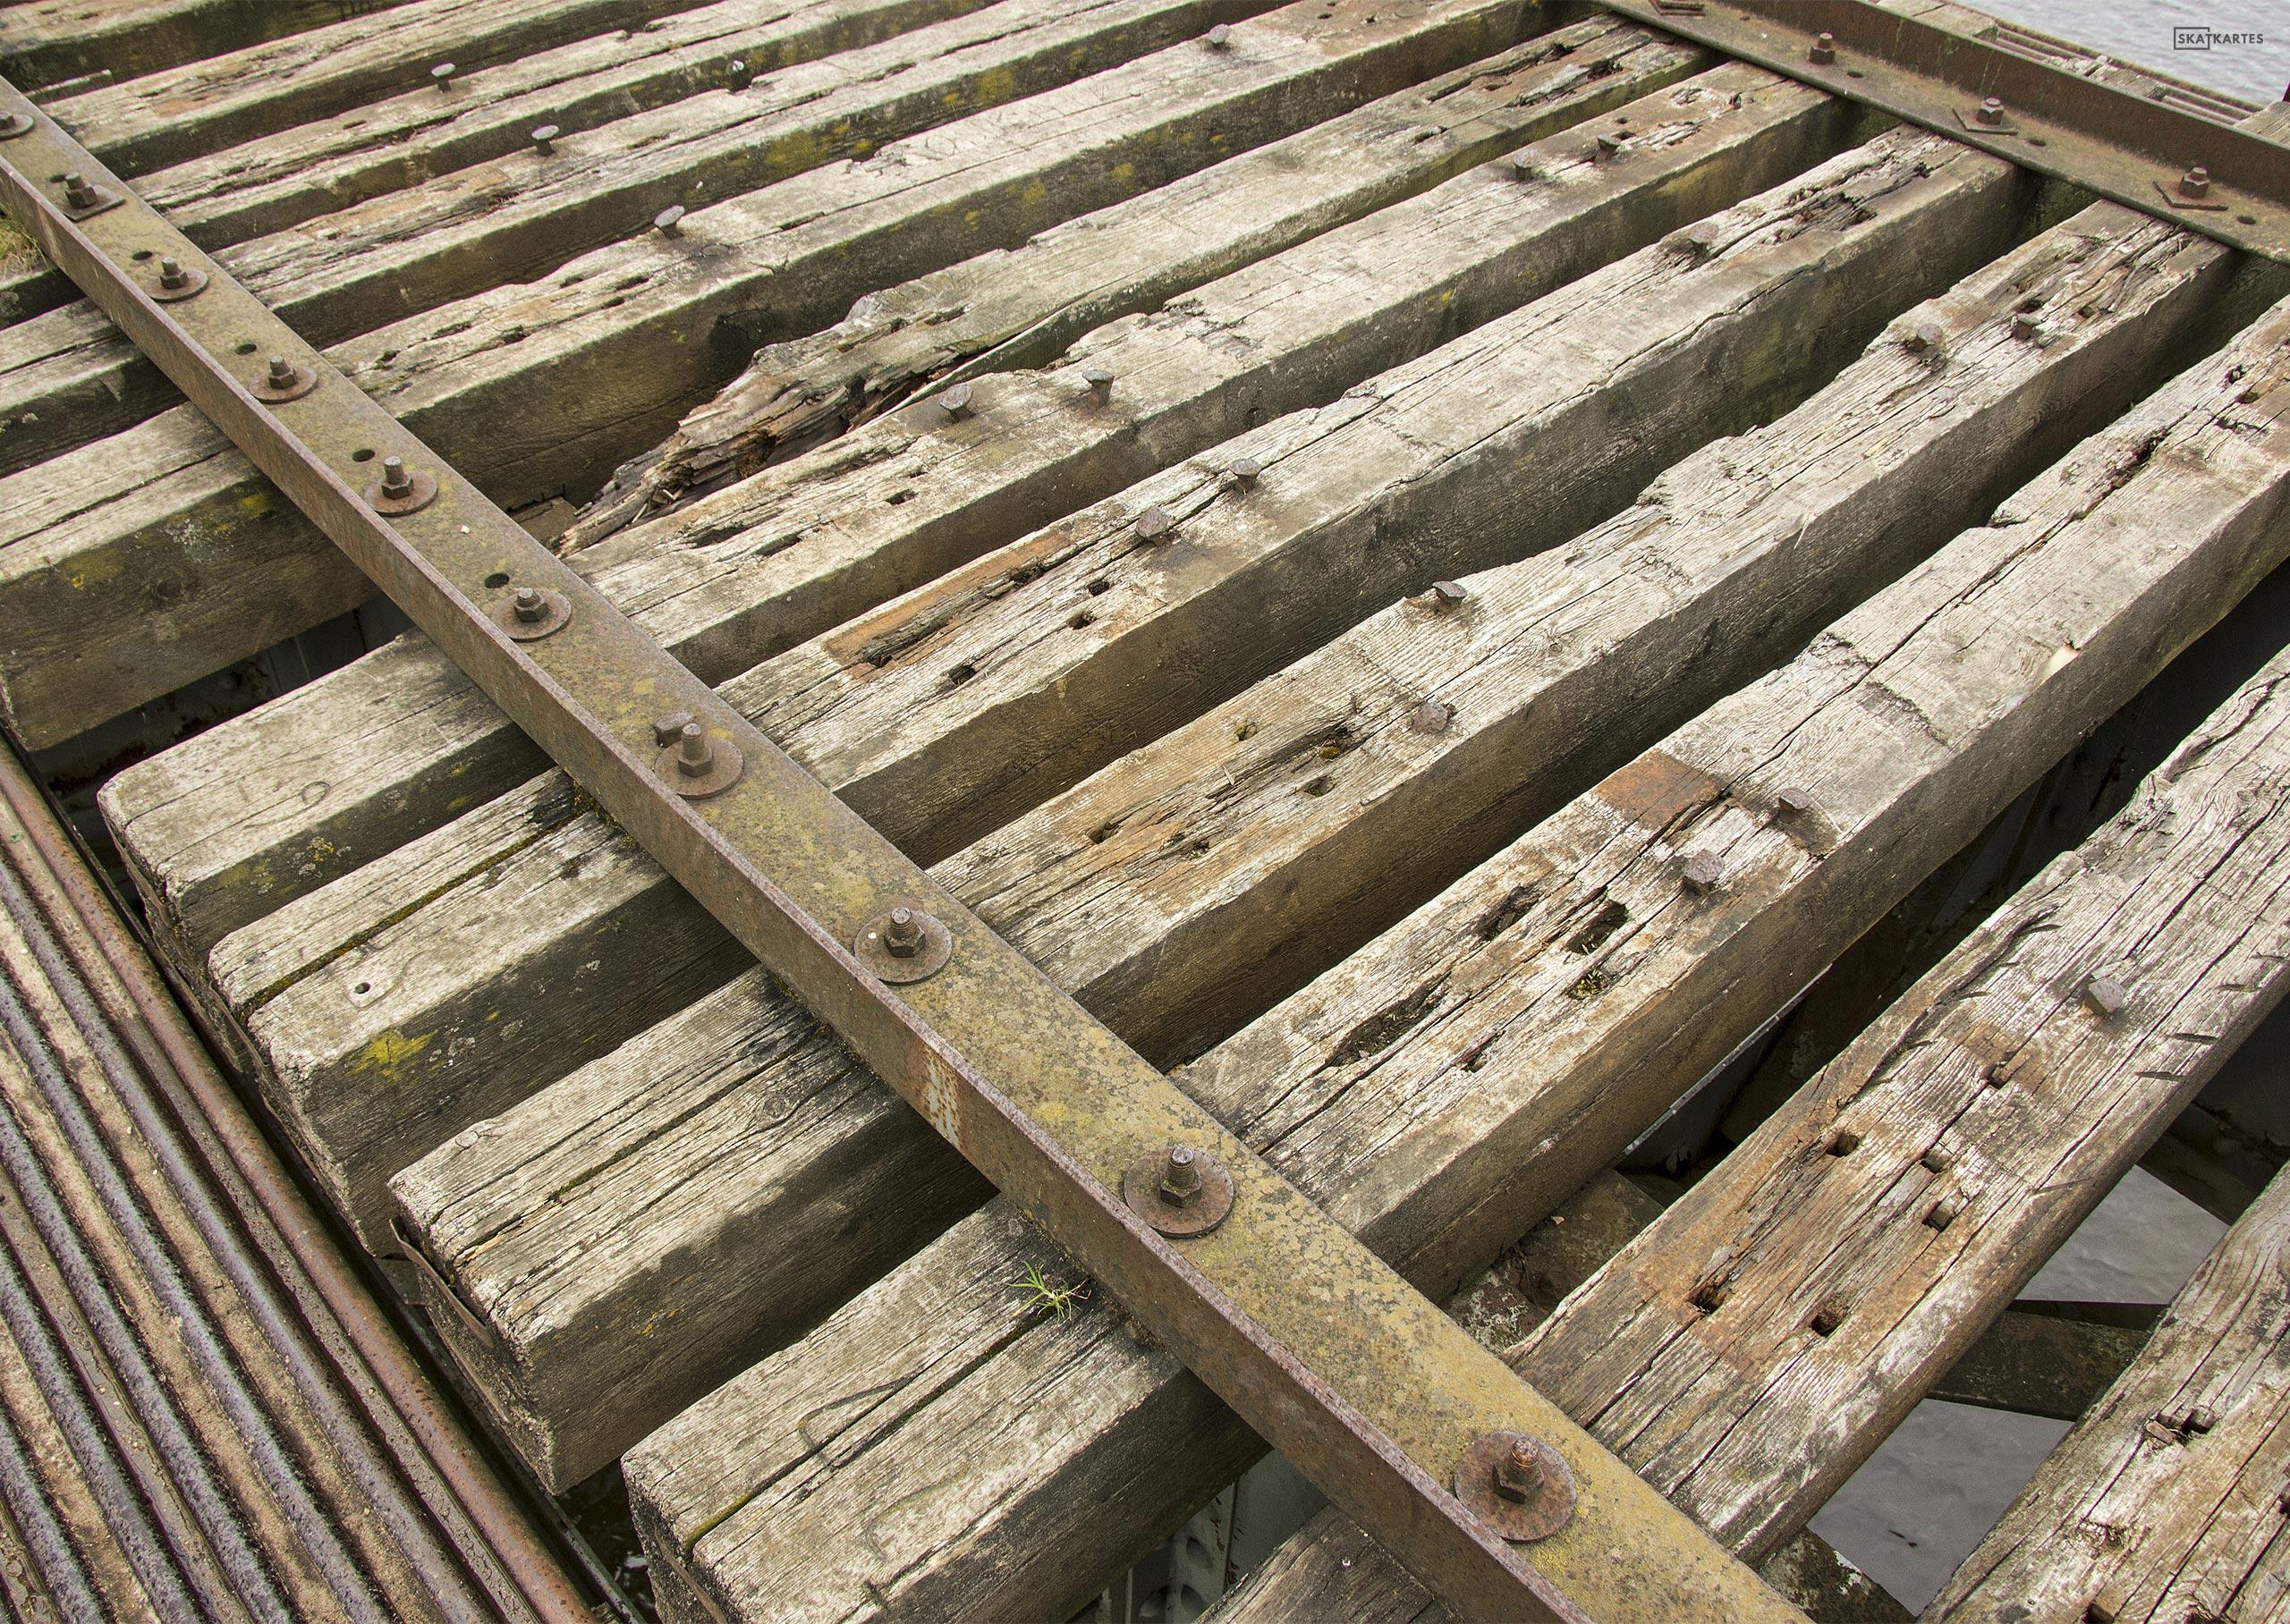 Skatkarte Nr. 1183 - Vecais, pamestais Juglas dzelzceļa tilts (2015. gada aprīlis).